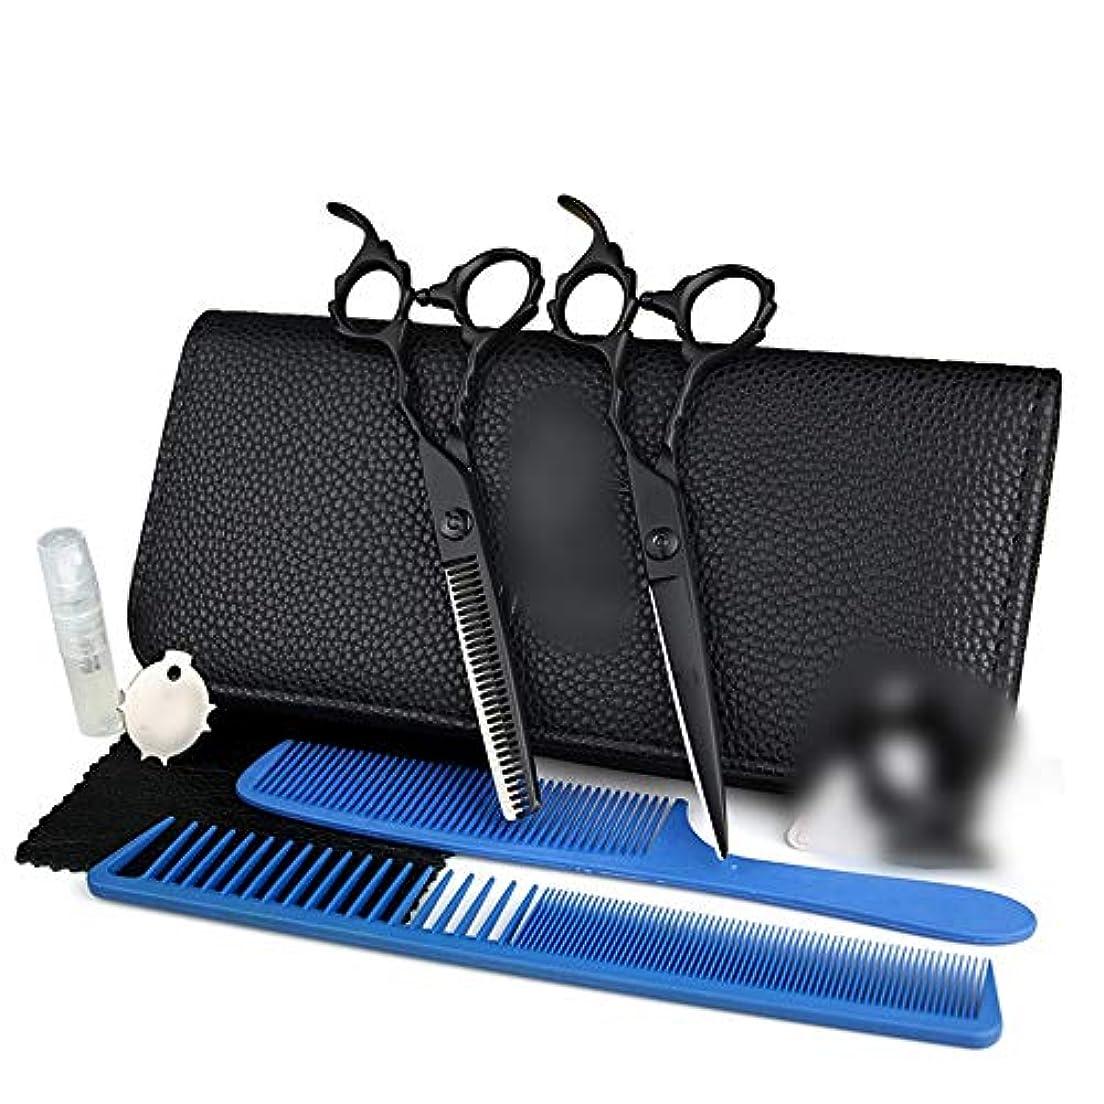 祝福特性ボーナス理髪用はさみ 6.0インチヘアプロフェッショナルブラックフラット+歯はさみセットはさみツール髪カット鋏ステンレス理髪はさみ (色 : 黒)